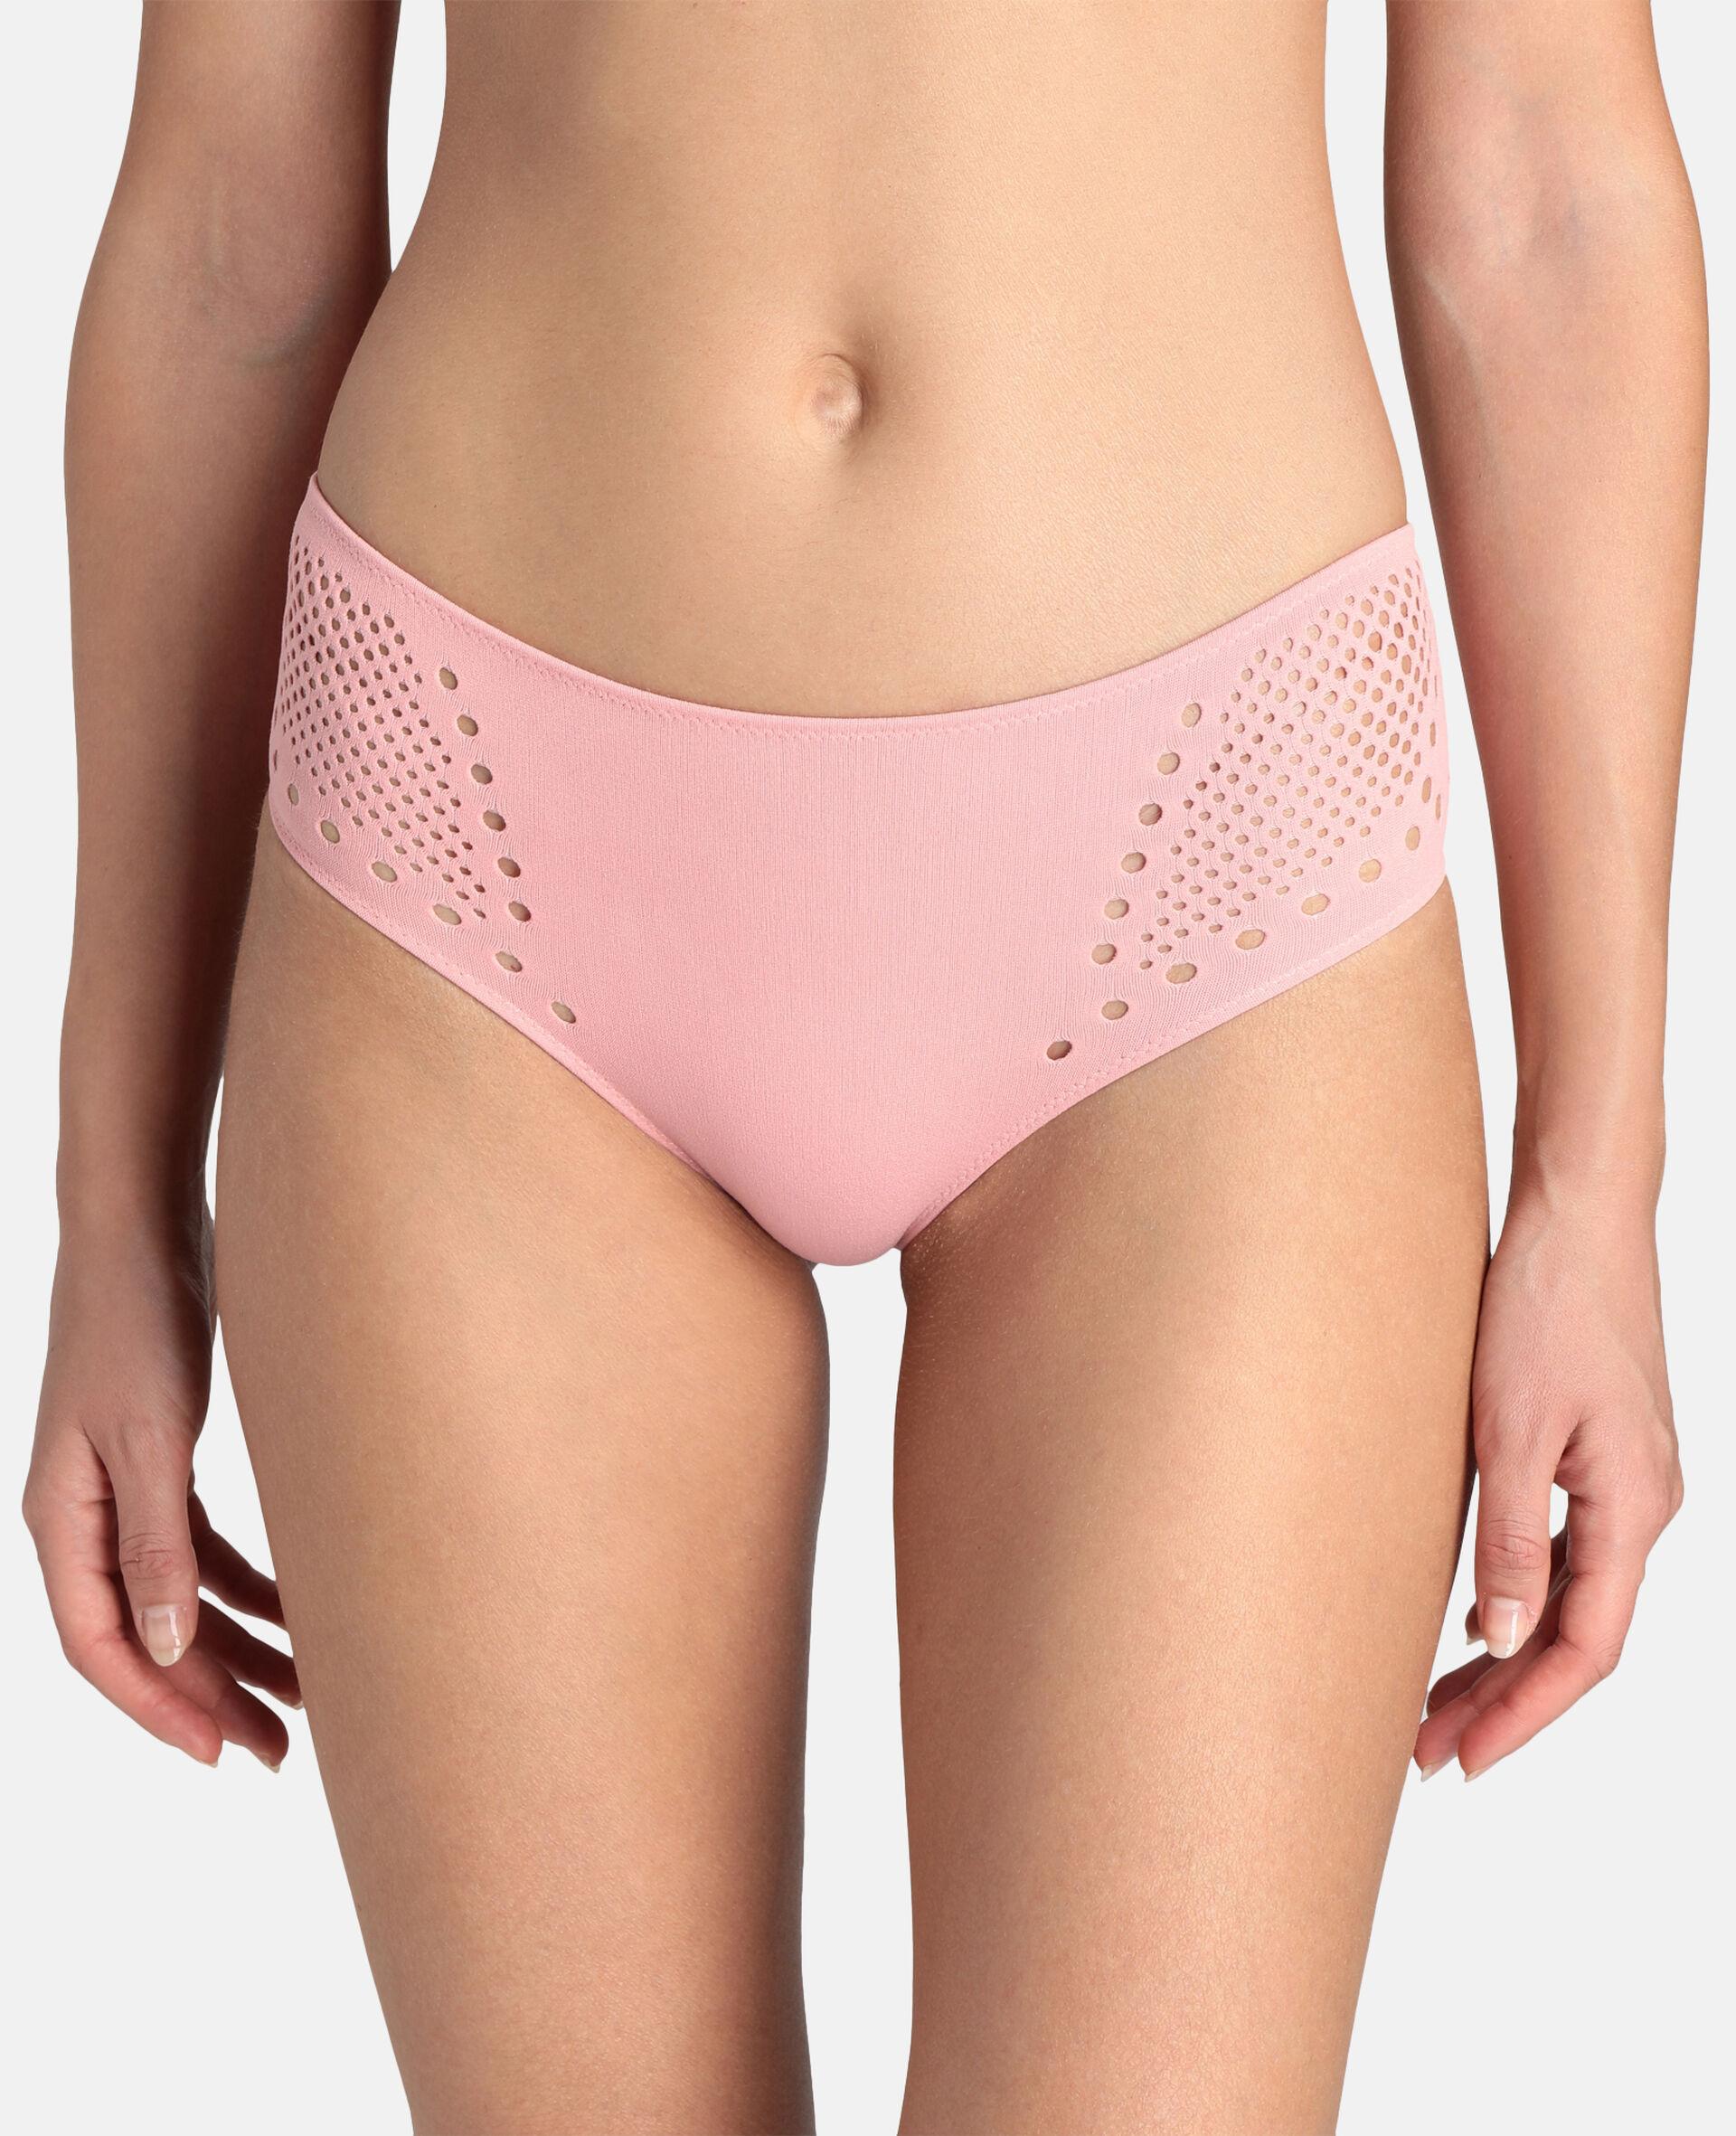 ステラウェア ブリーフ-ピンク-large image number 4